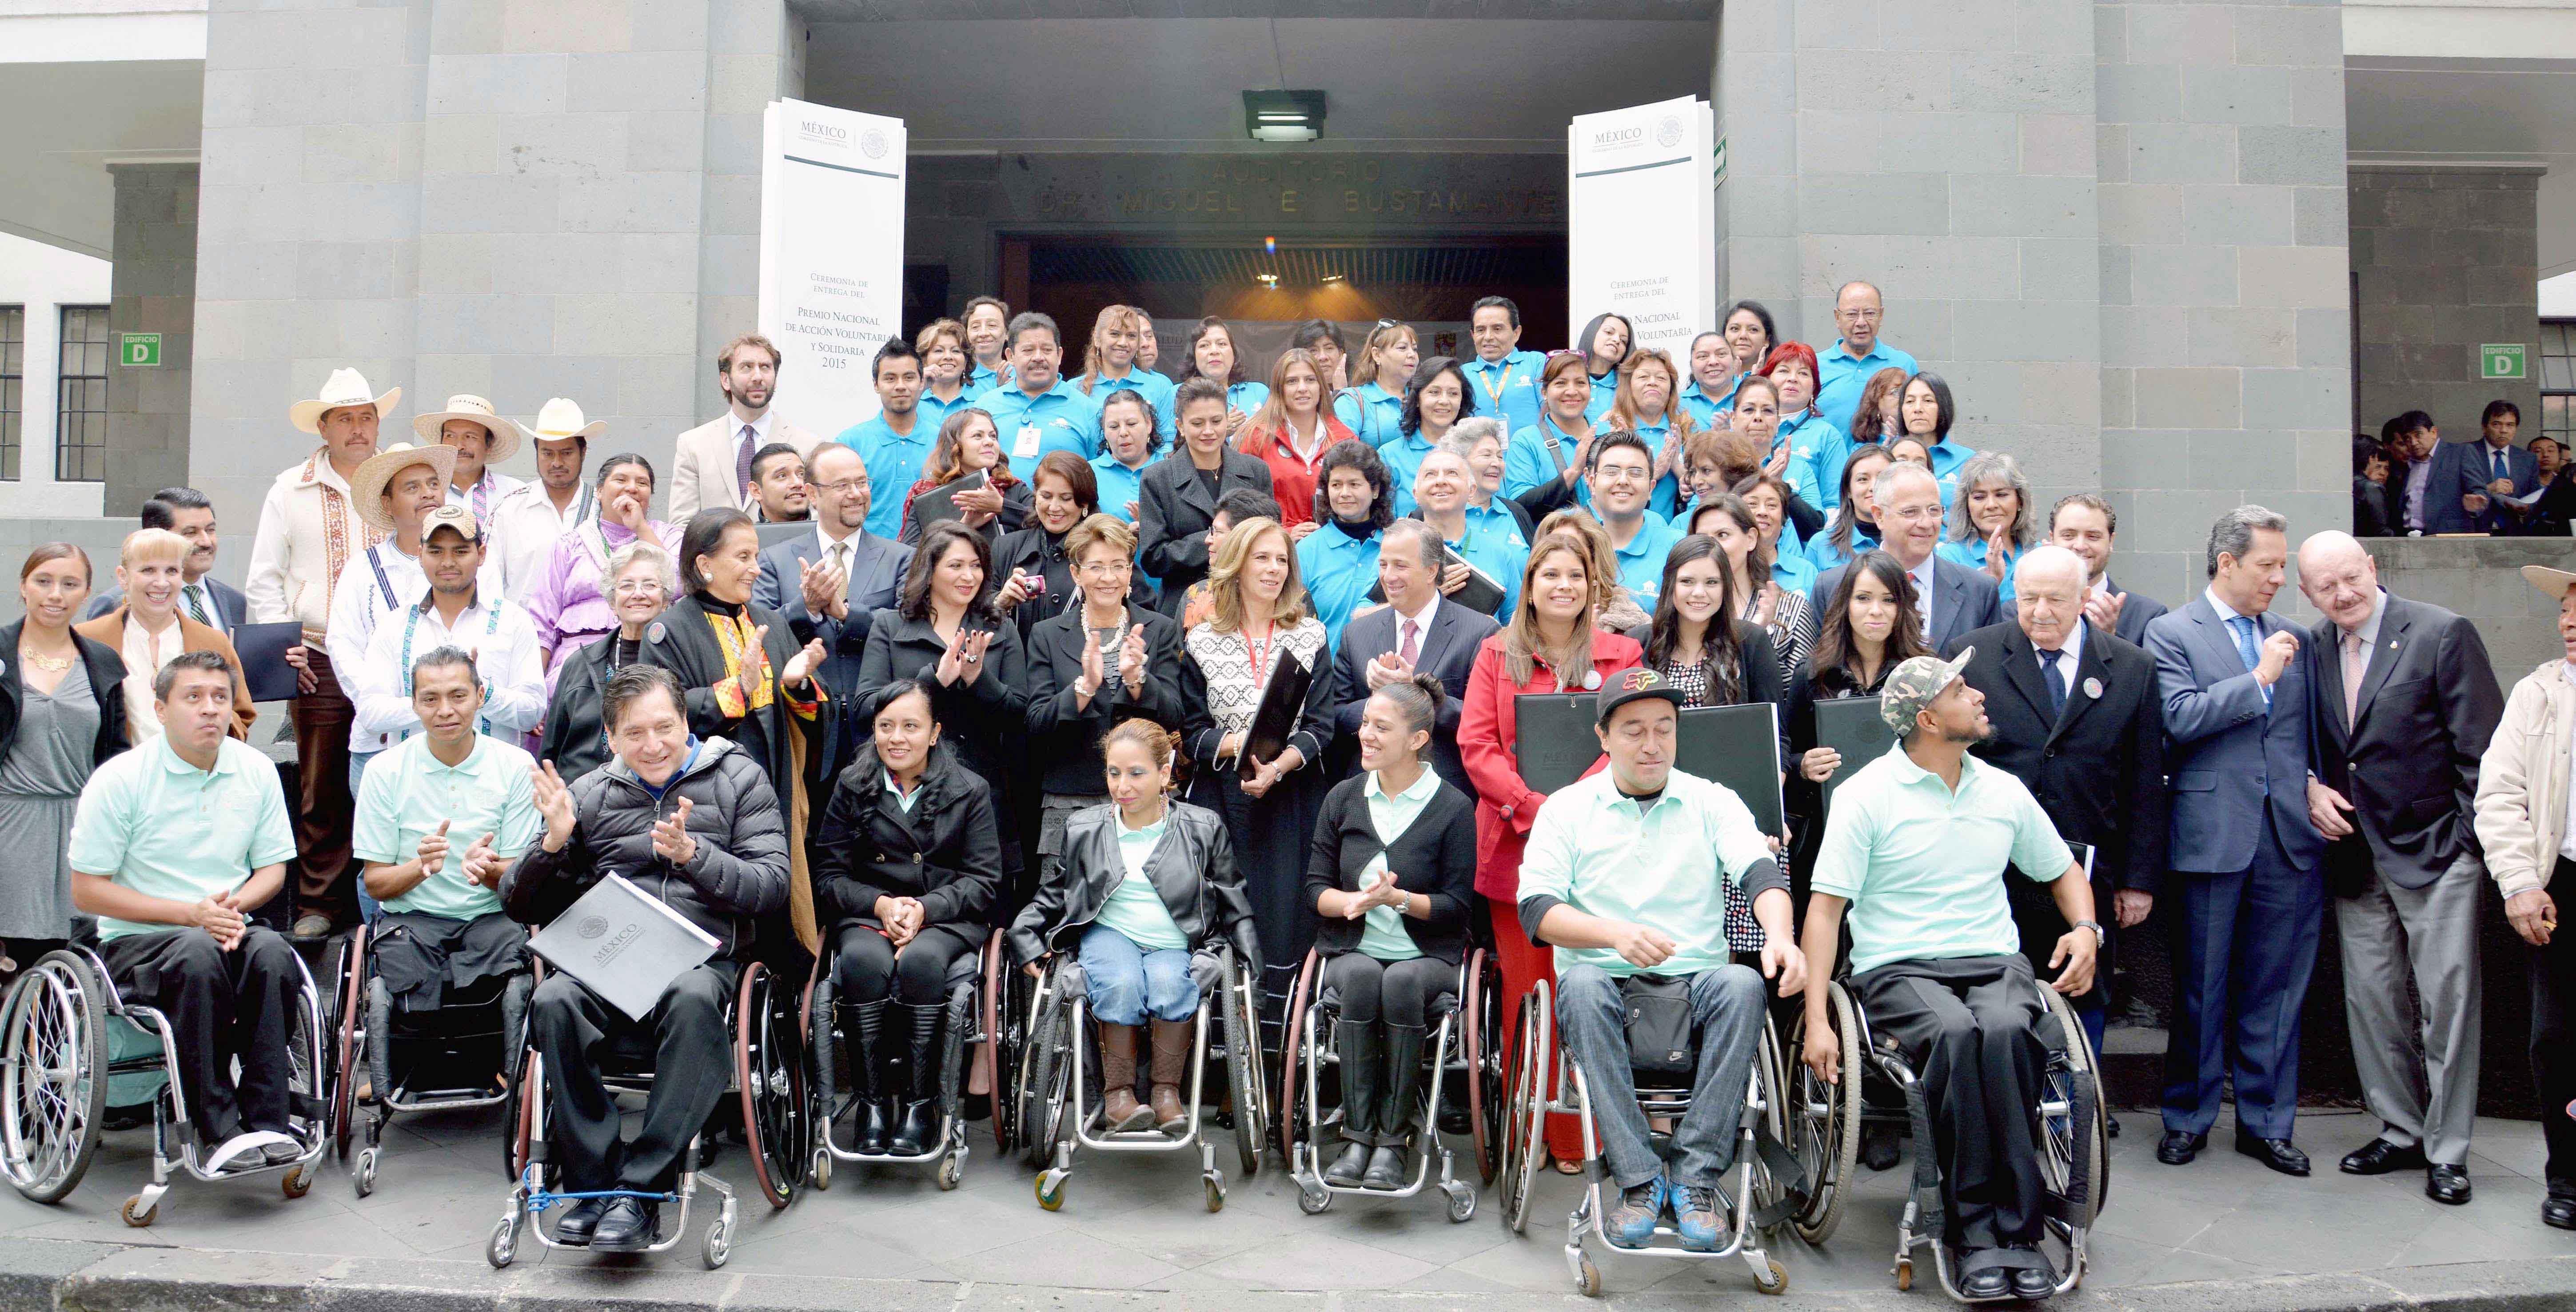 Estuvo acompañada del Secretario de Desarrollo Social, José Antonio Meade Kuribreña y del Coordinador de Comunicación Social del Gobierno de la República, Eduardo Sánchez Hernández.